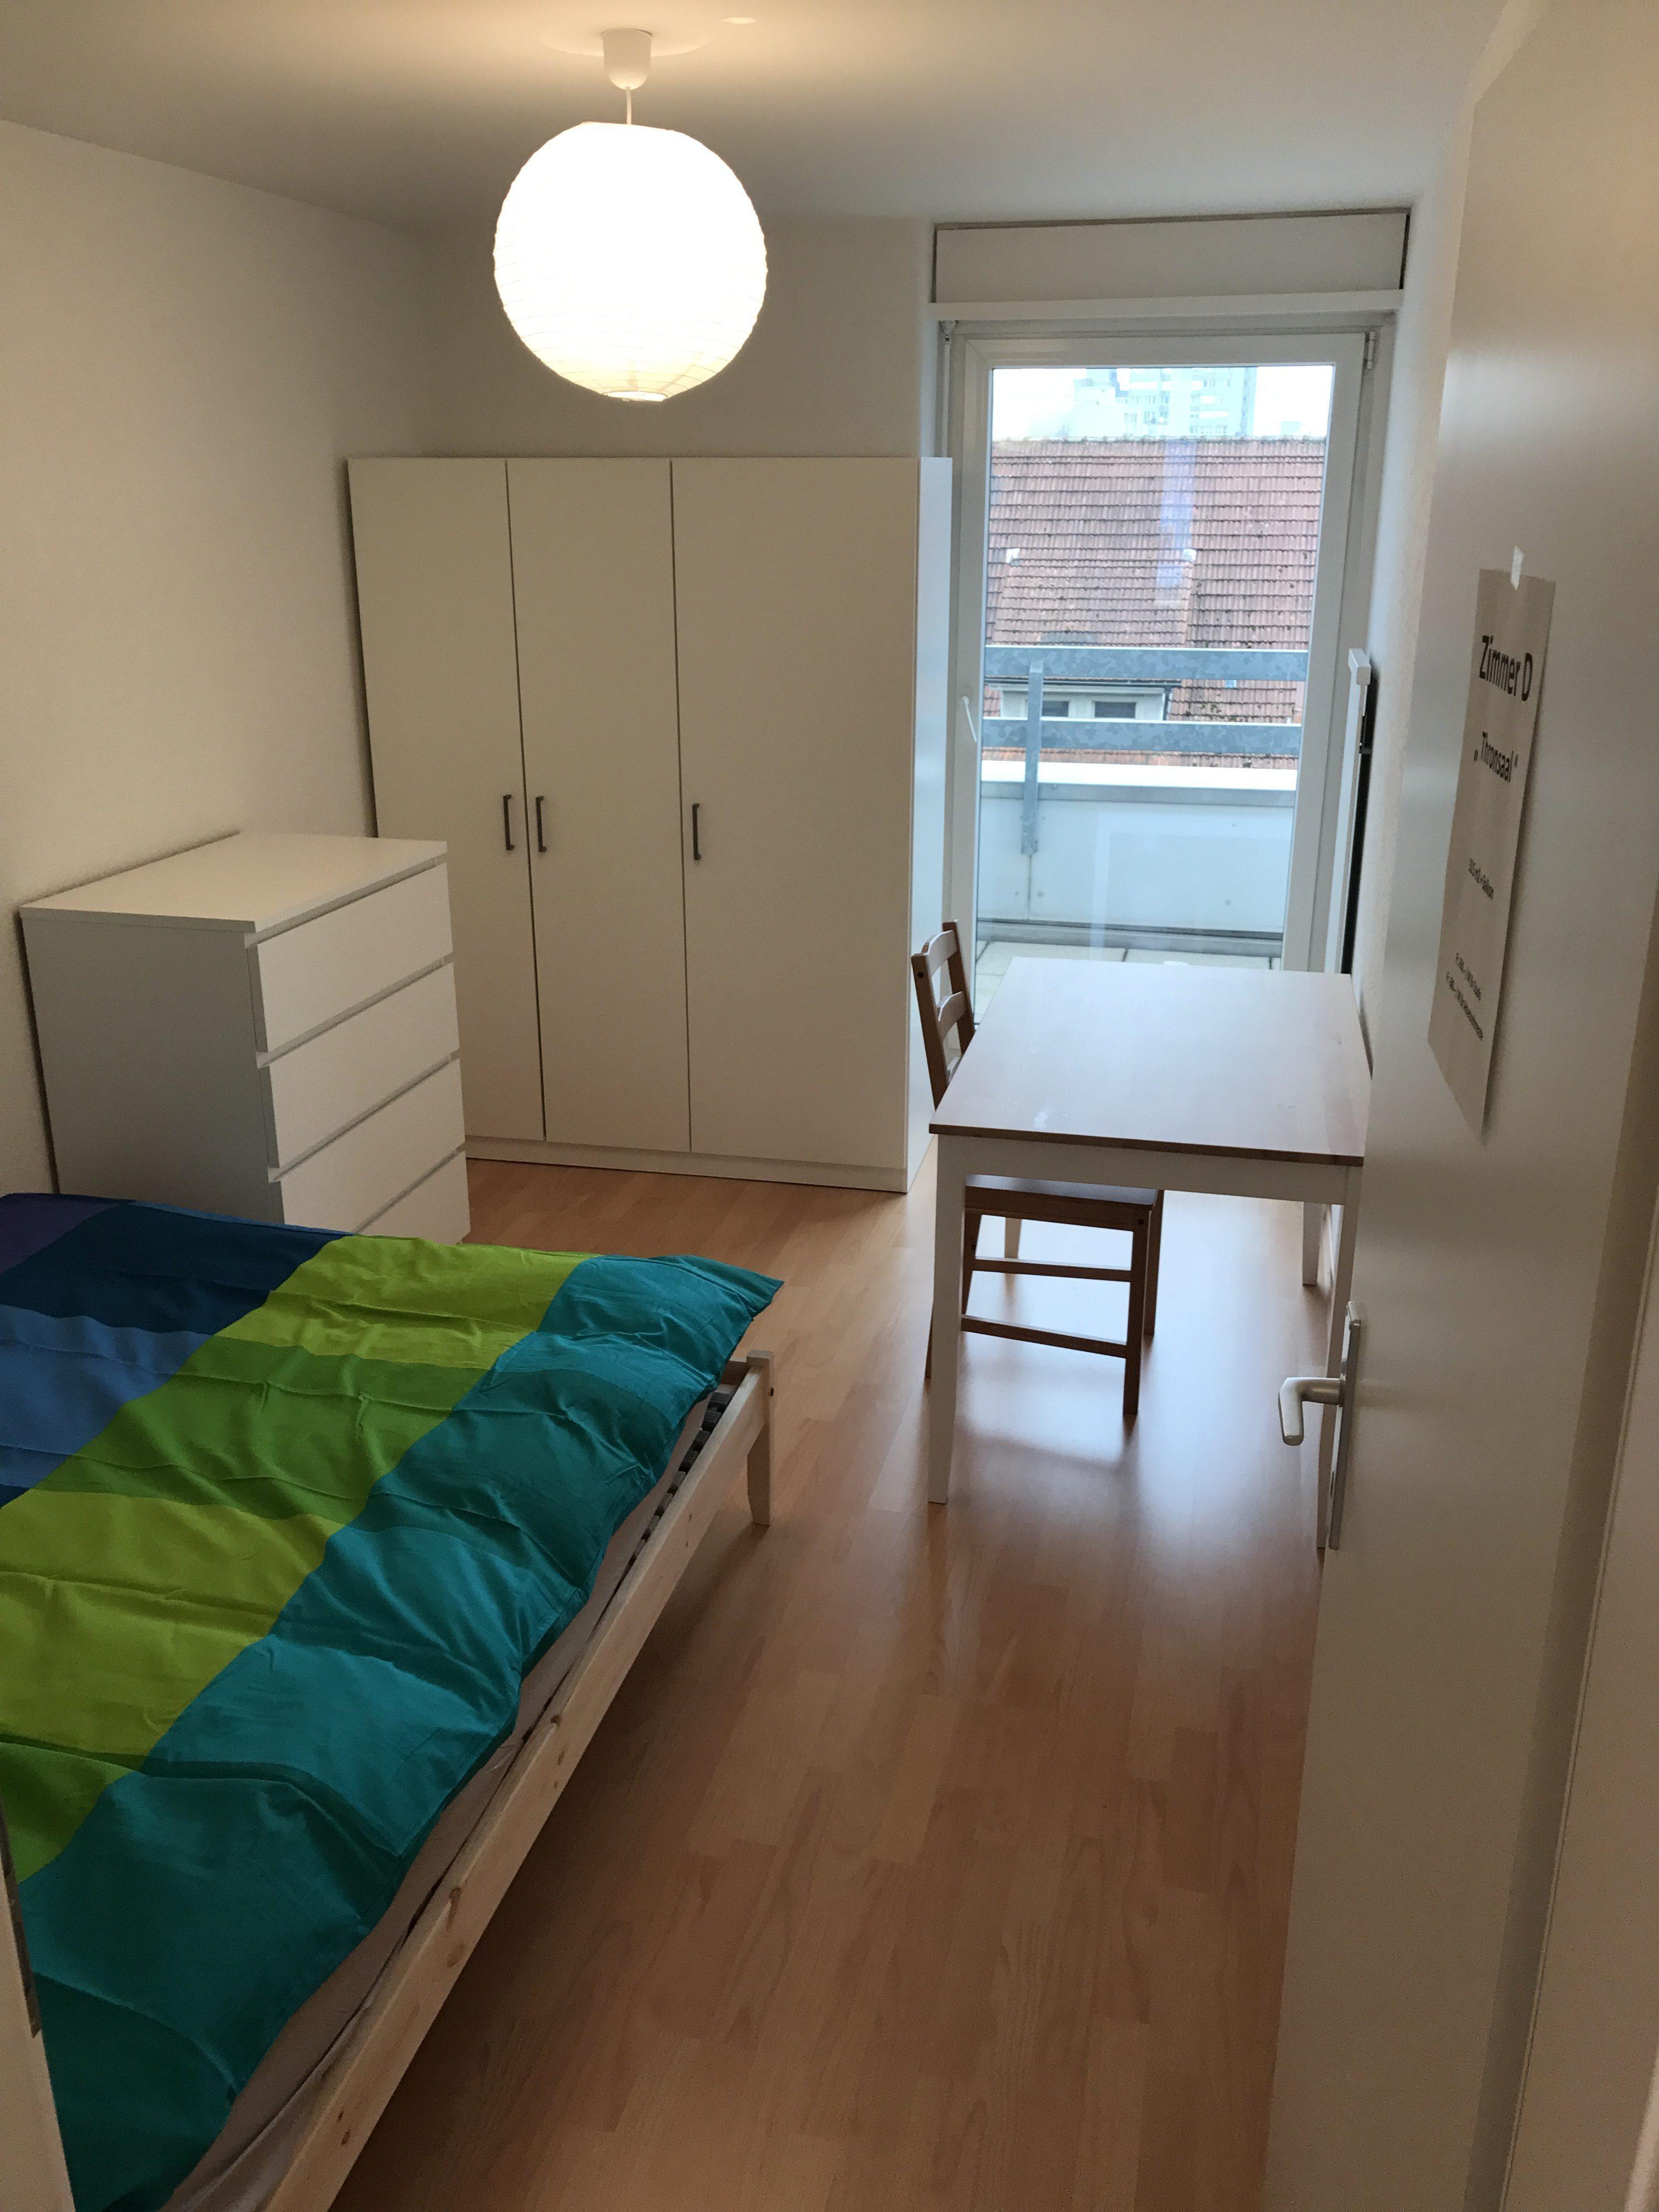 stuwo bottigencamp wg zimmer f r studierende. Black Bedroom Furniture Sets. Home Design Ideas